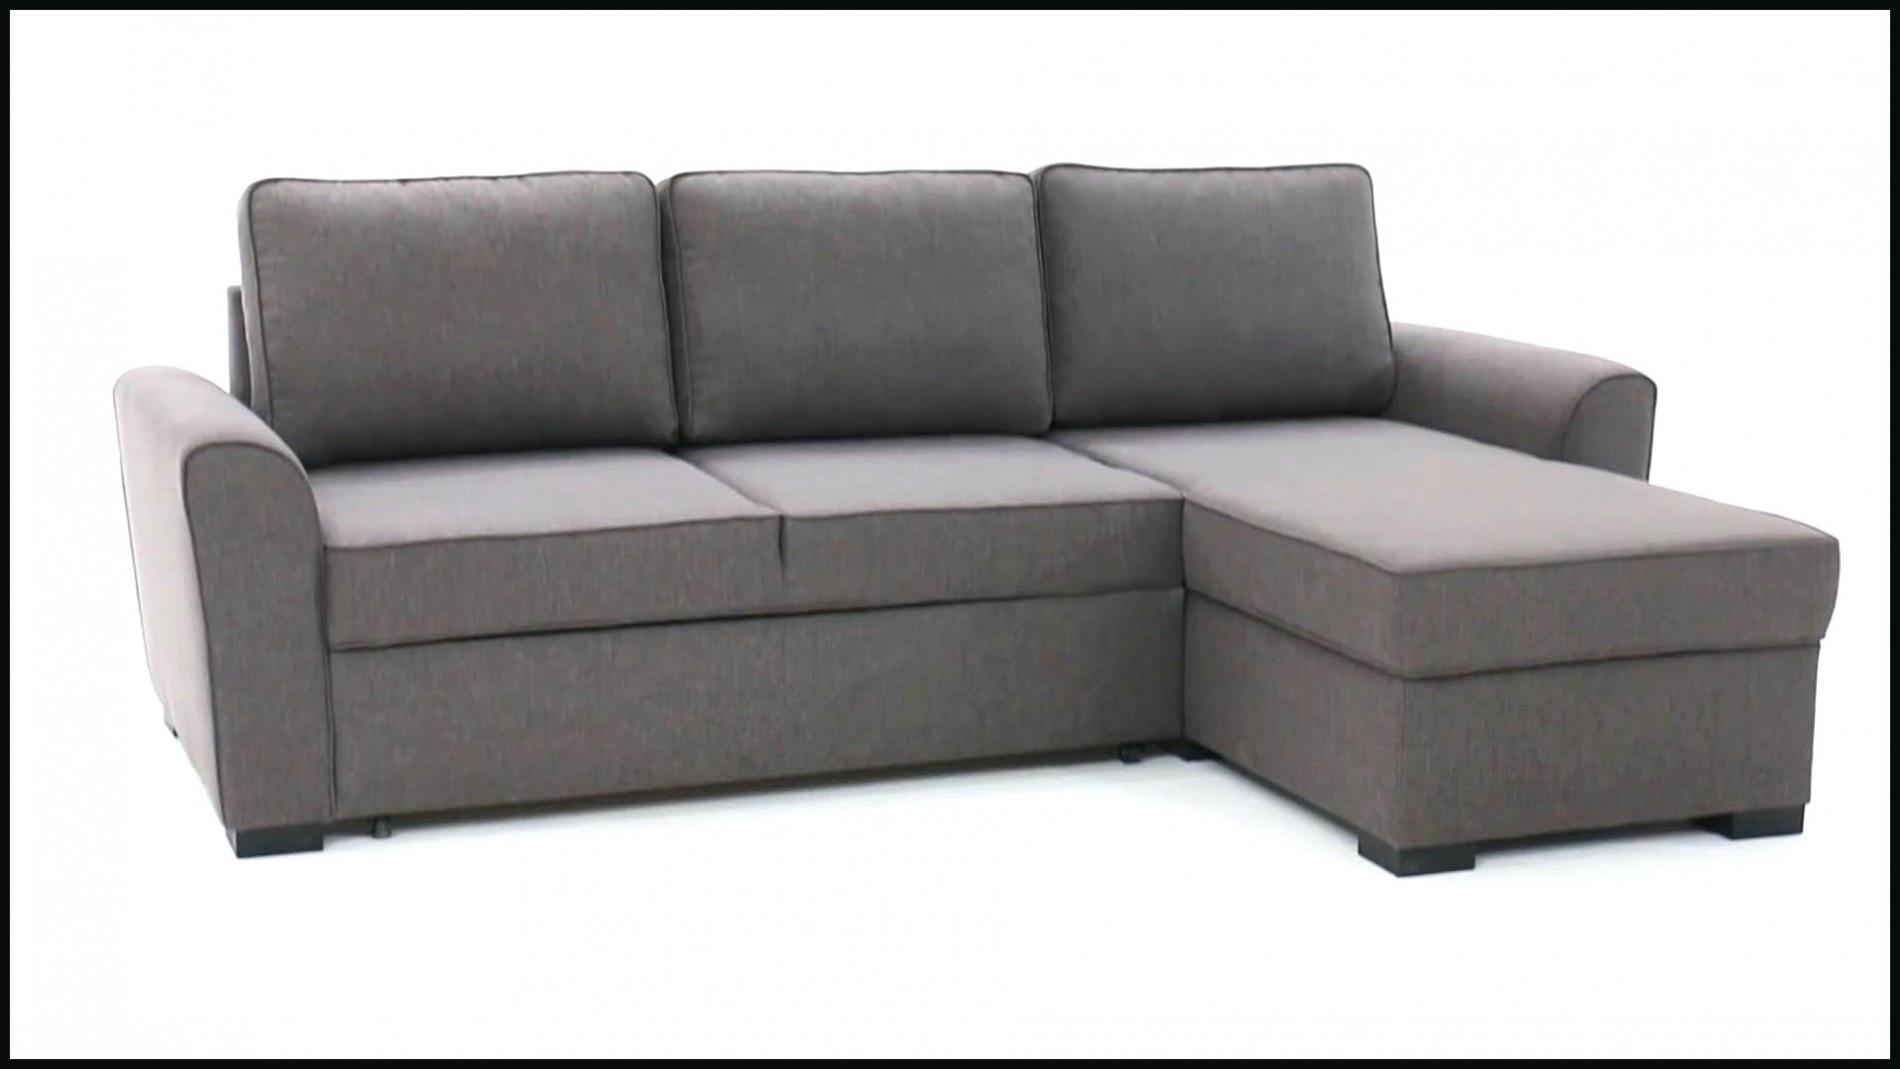 Canapé En Cuir Ikea Beau Photos La Charmant Choisir Un Canapé Conception  Perfectionner La G Te